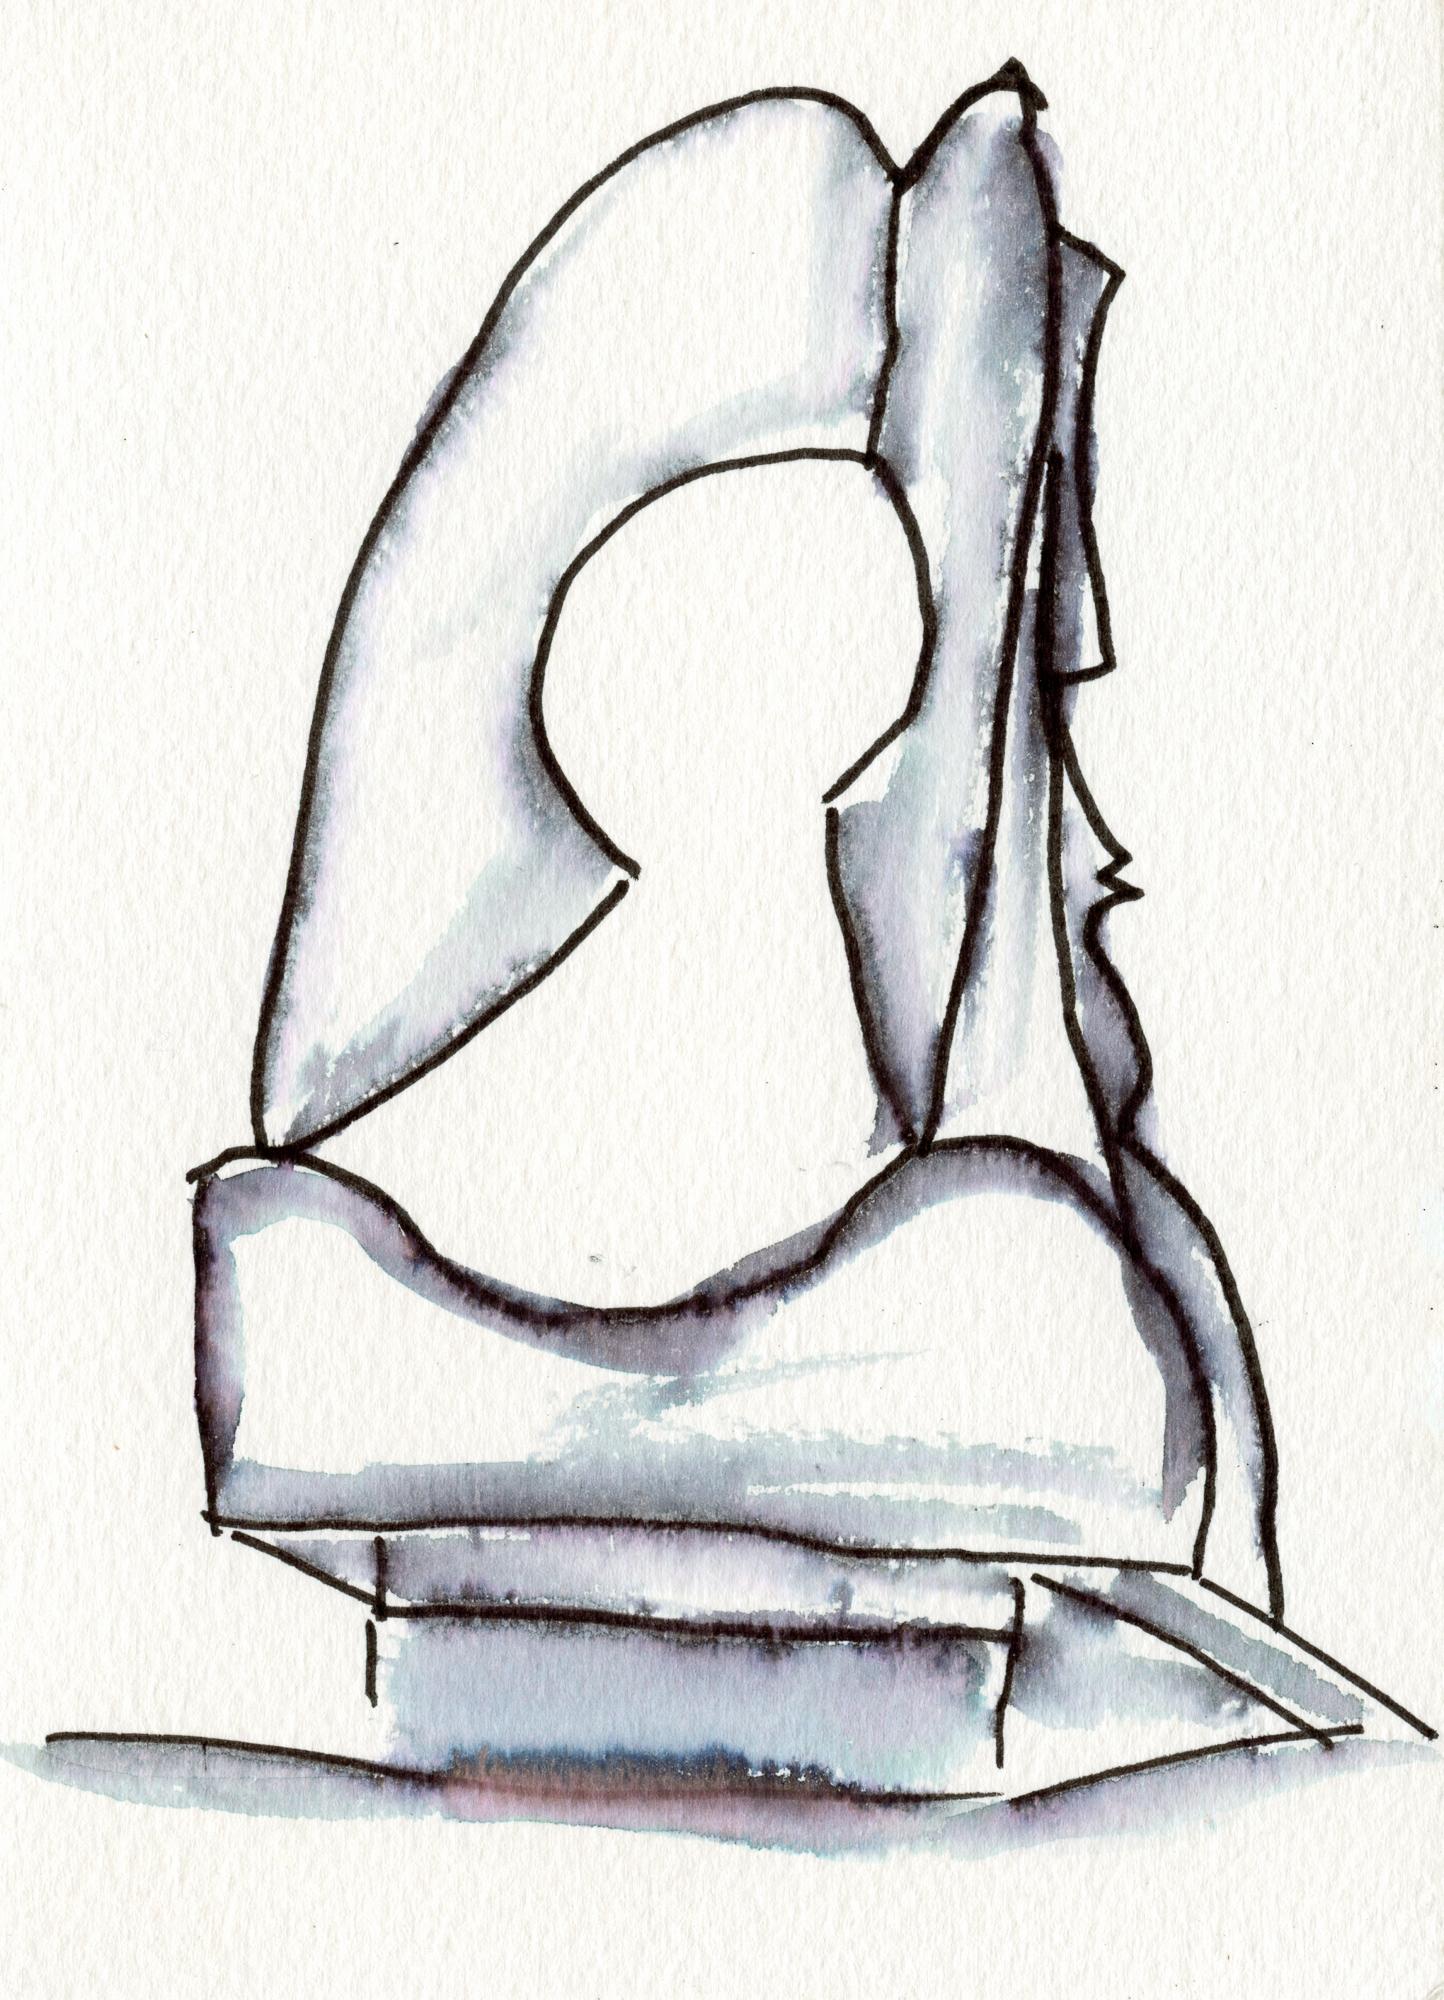 Chicago Picasso Postcard No. 10